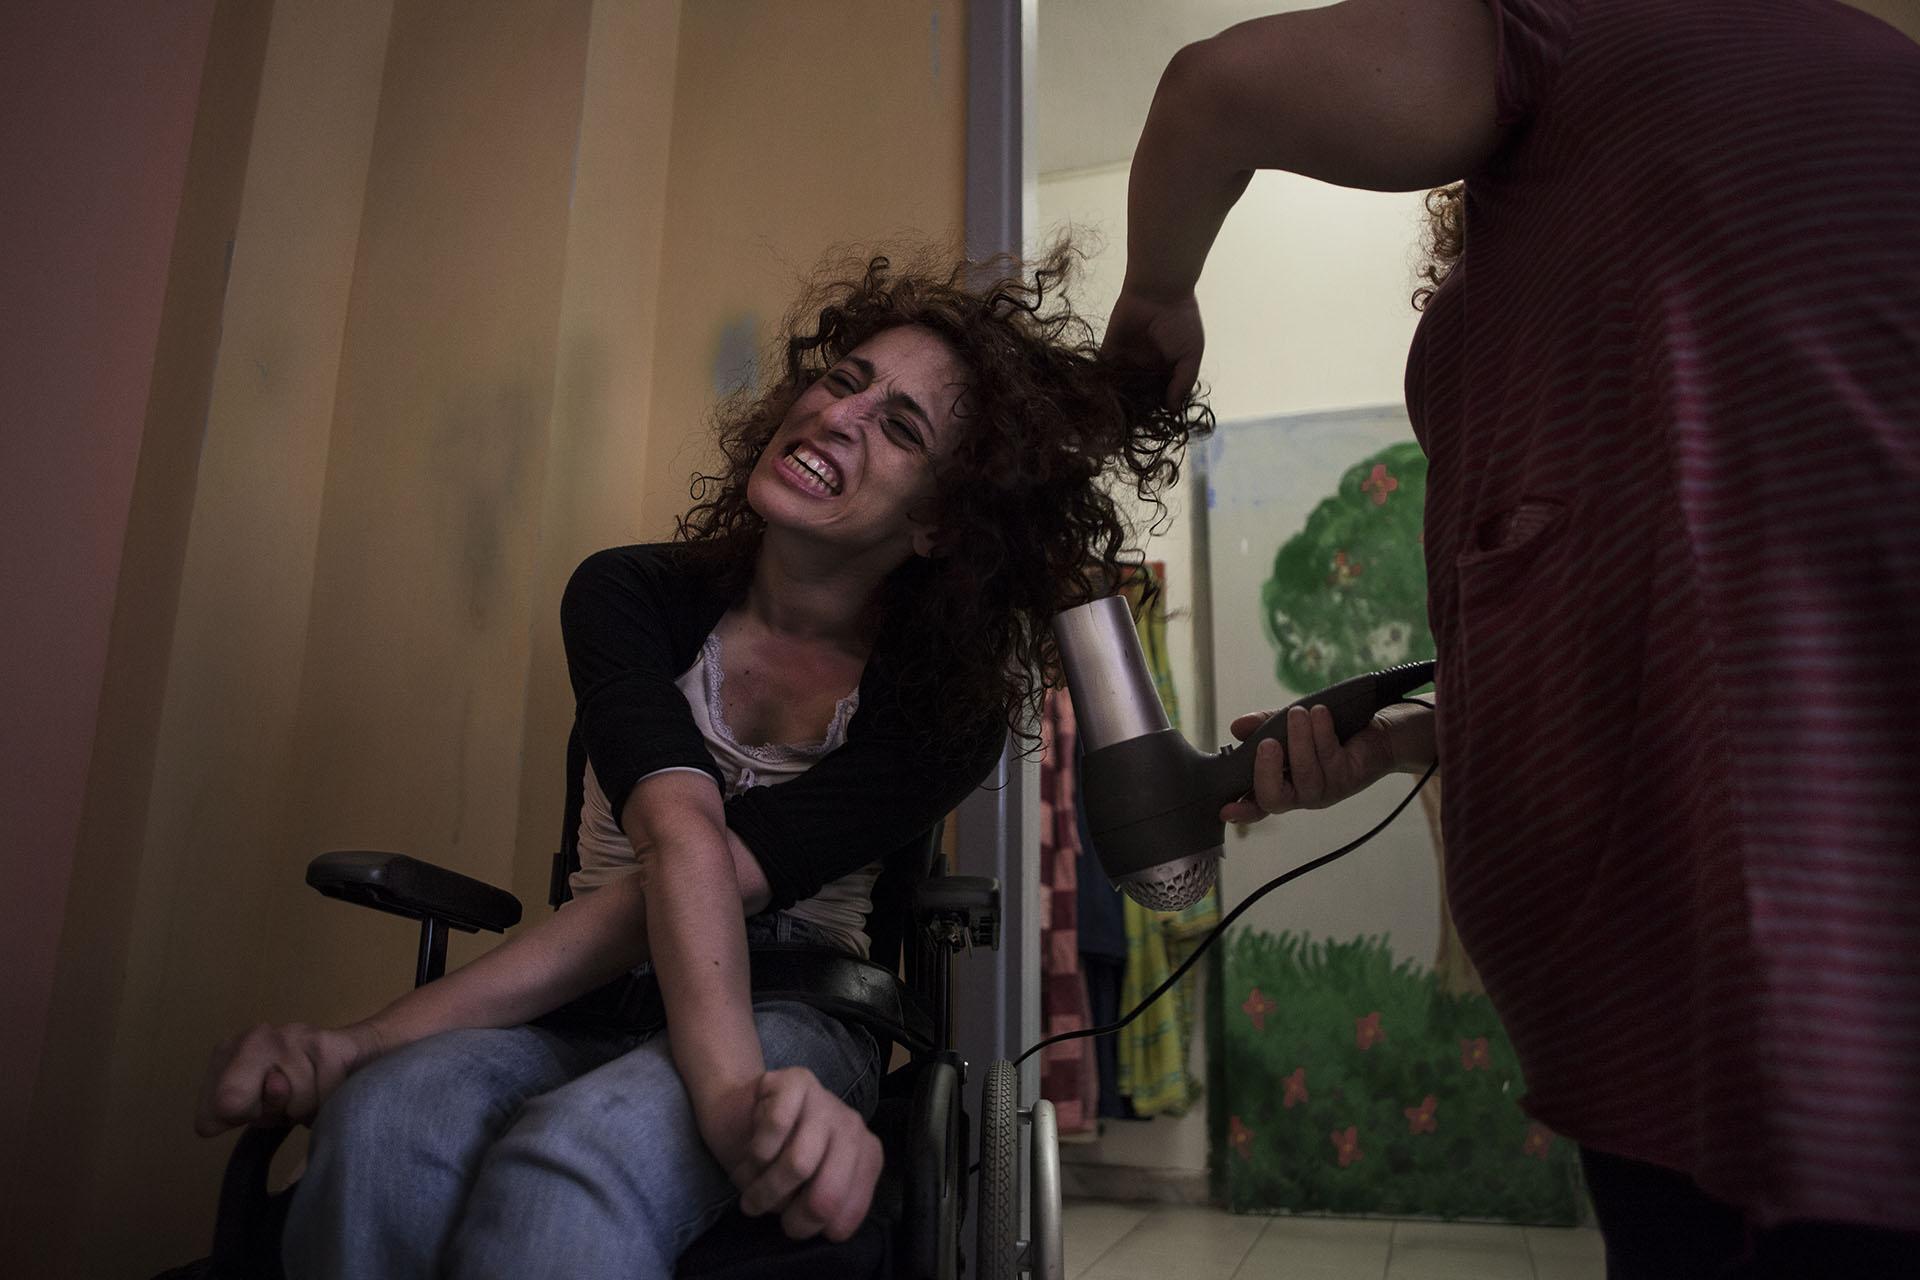 Letizia-Story-of-unseen-lives_ph_Danilo Garcia Di Meo_22